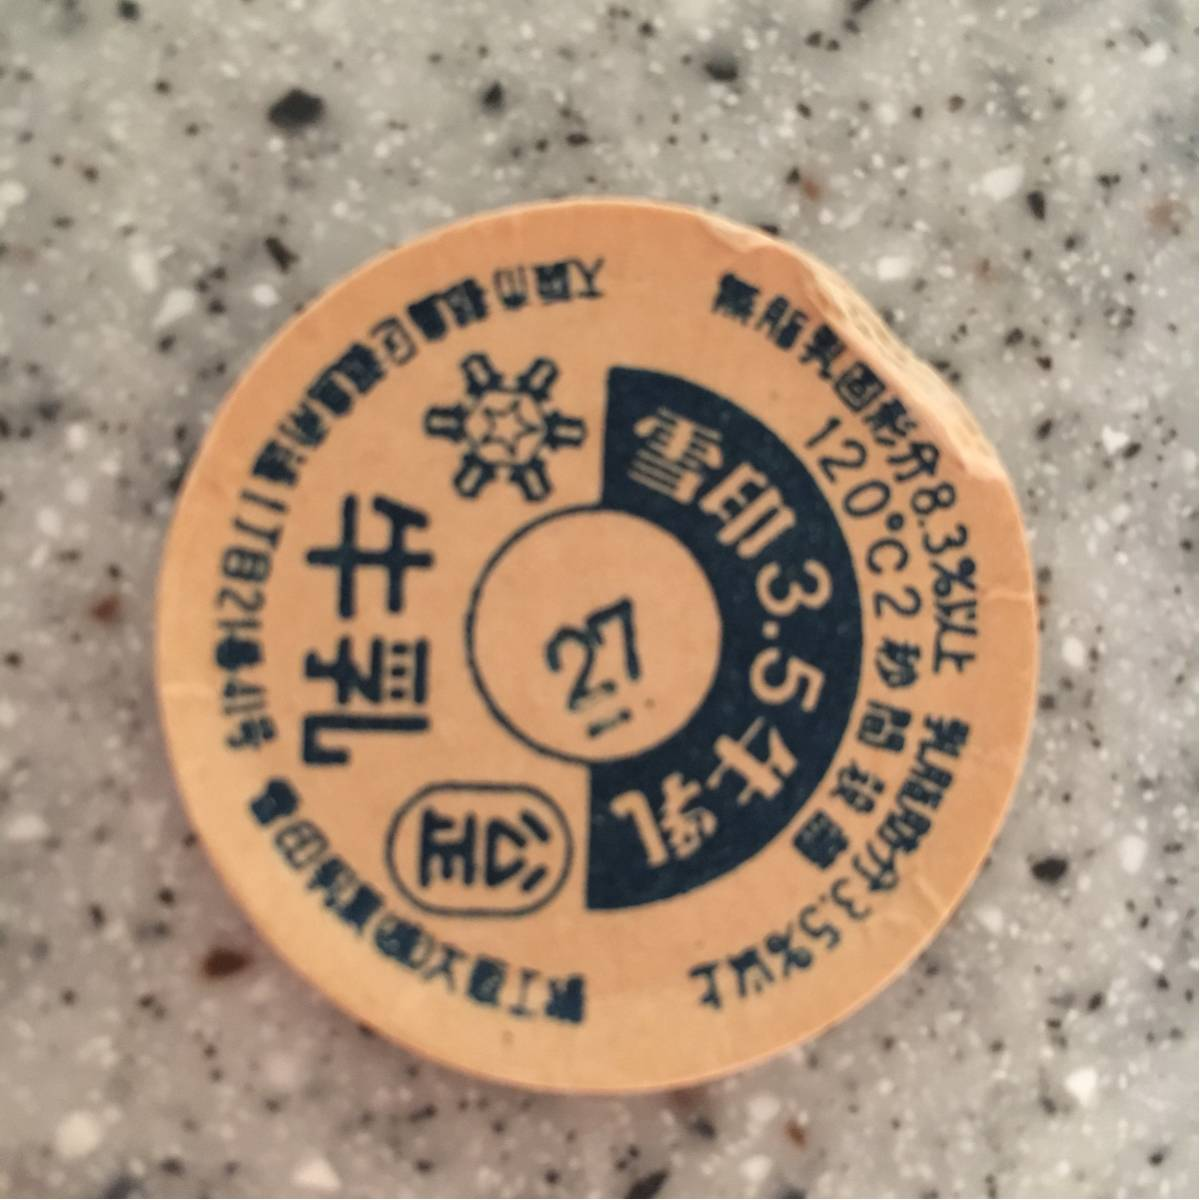 雪印3.5牛乳キャップ 今はなき雪印乳業(株)大阪工場